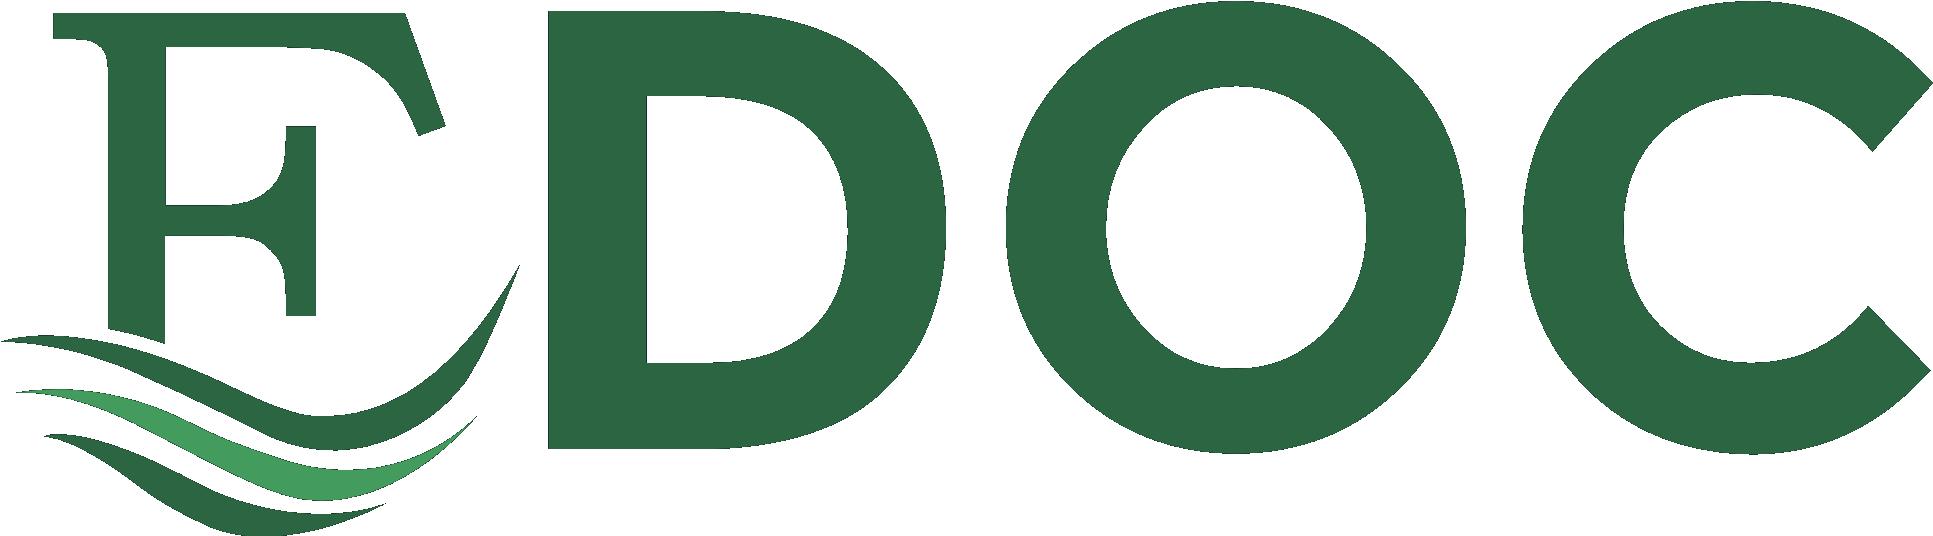 Szemölcs – Wikipédia